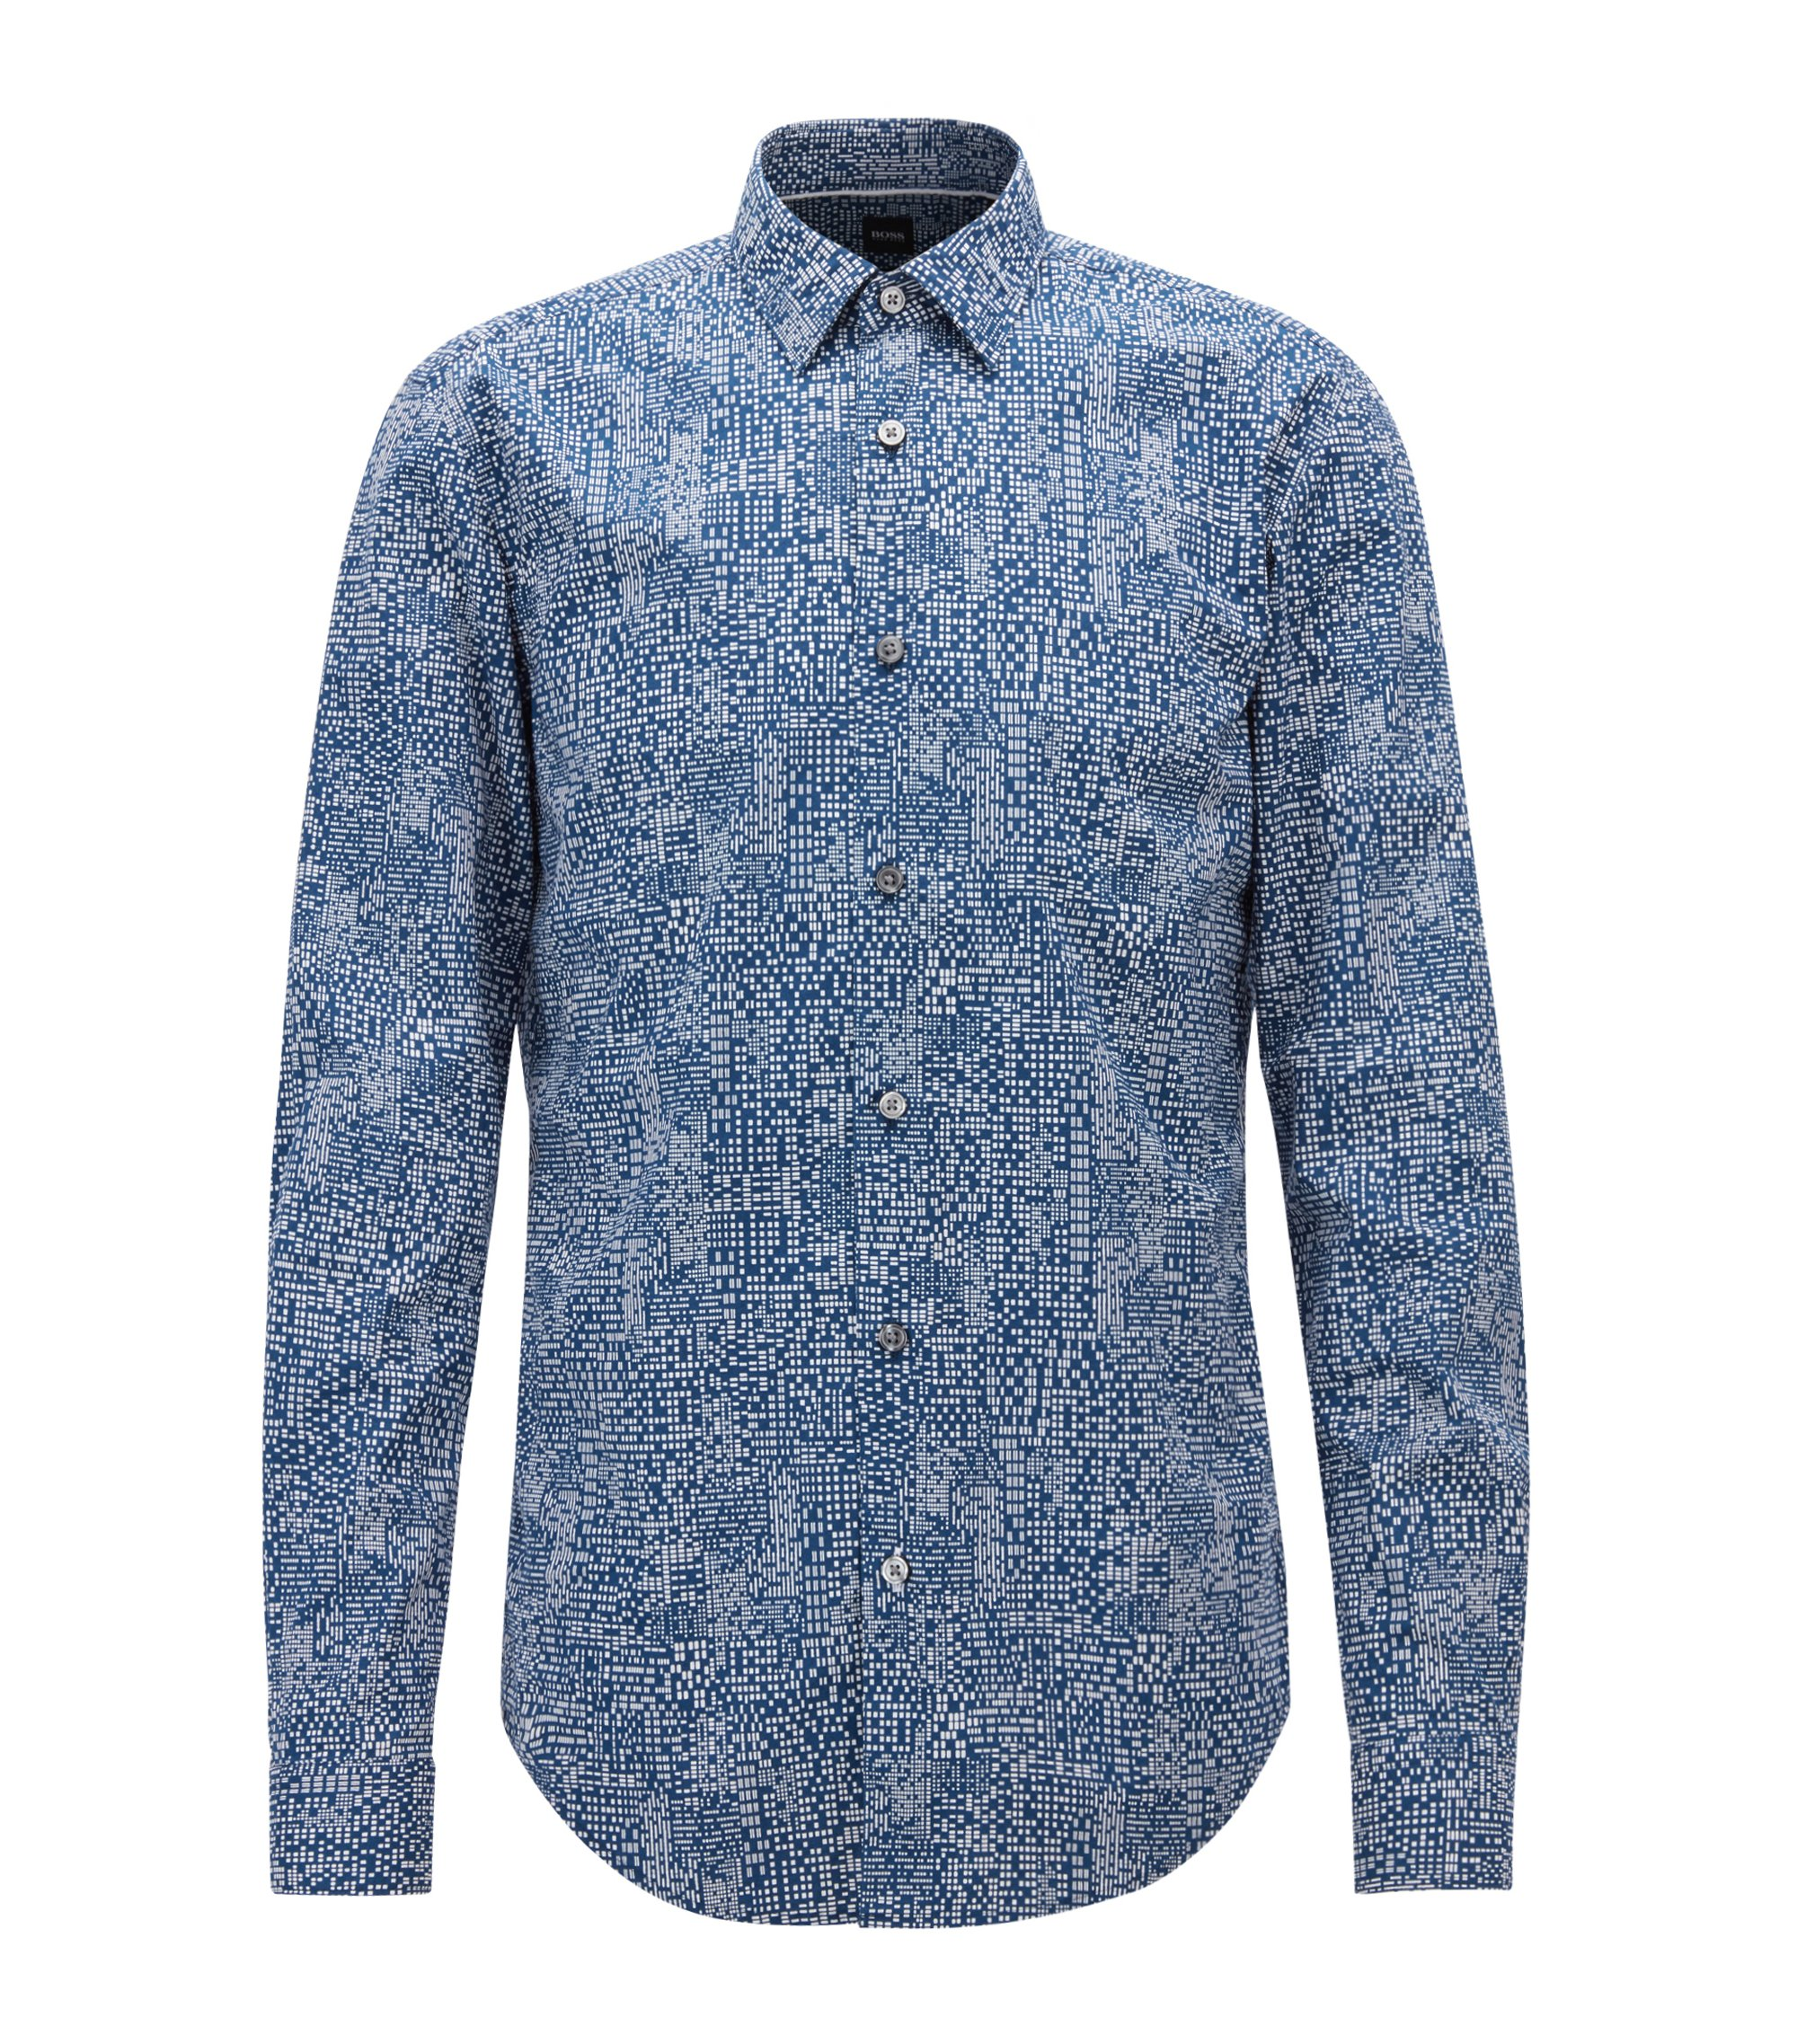 Slim-fit overhemd in katoenen popeline met abstracte print, Blauw